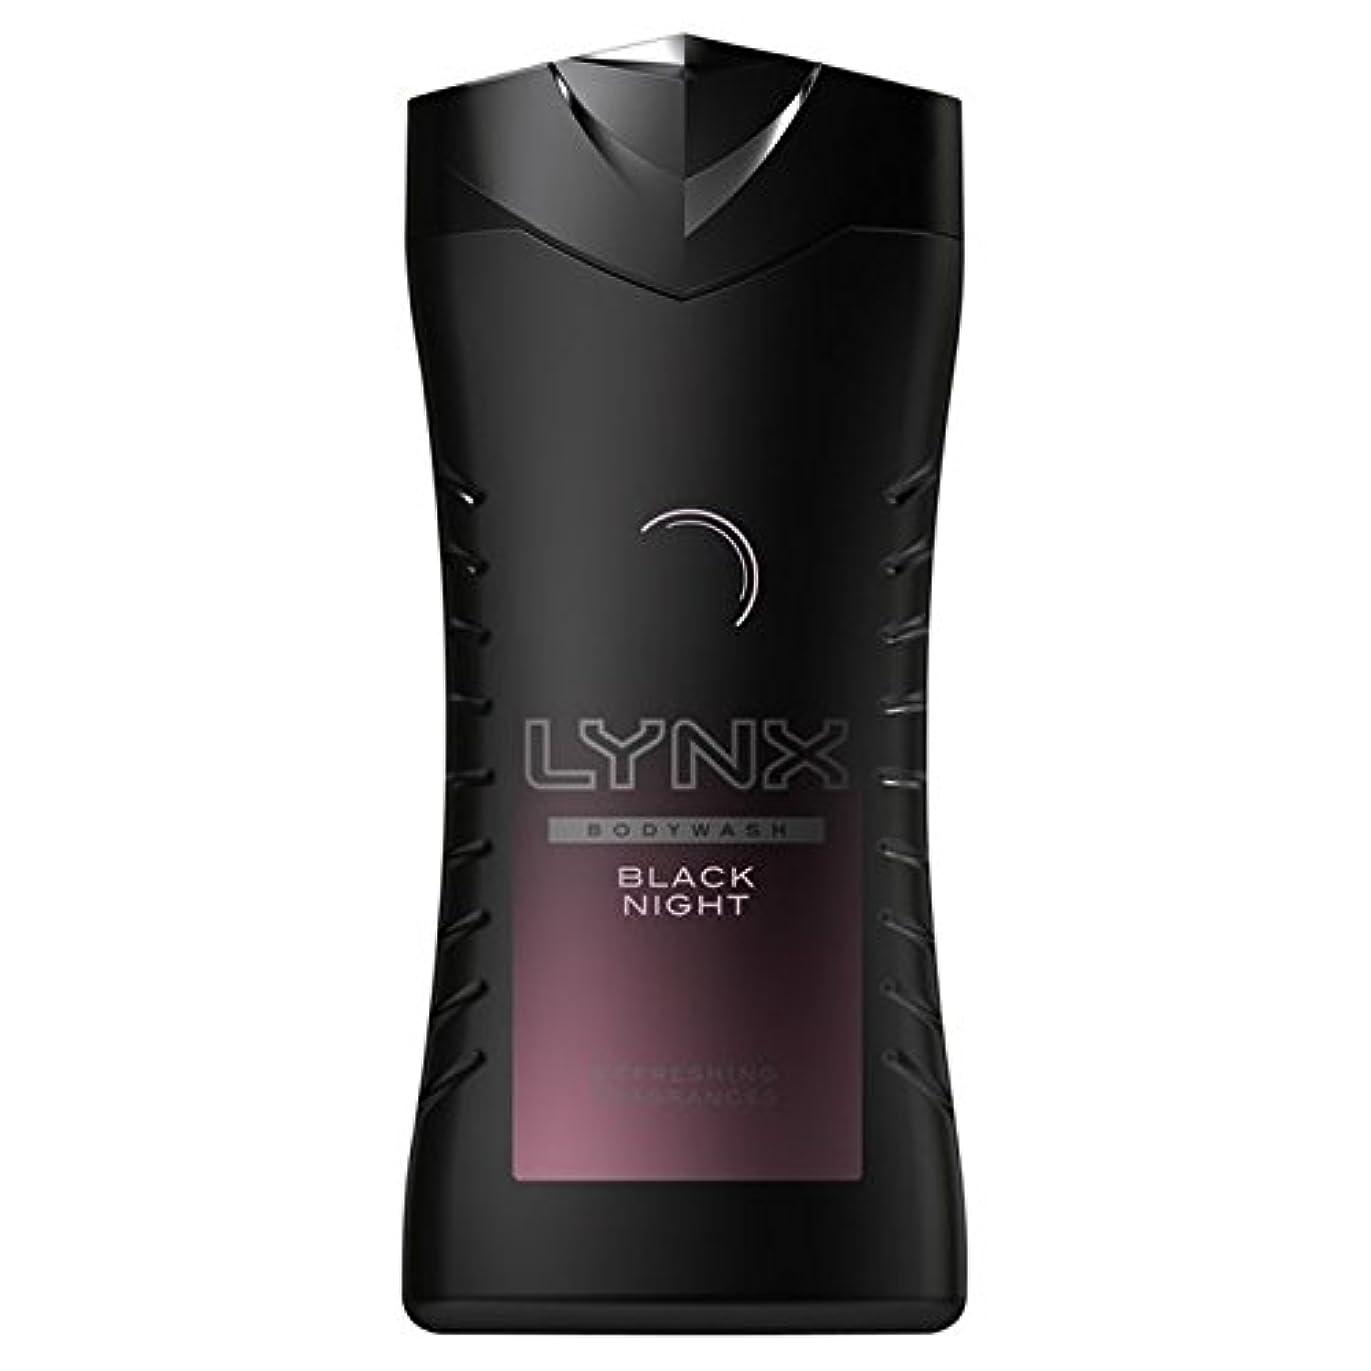 シーズン保護返済Lynx Black Night Shower Gel 250ml - オオヤマネコ黒夜シャワージェル250ミリリットル [並行輸入品]